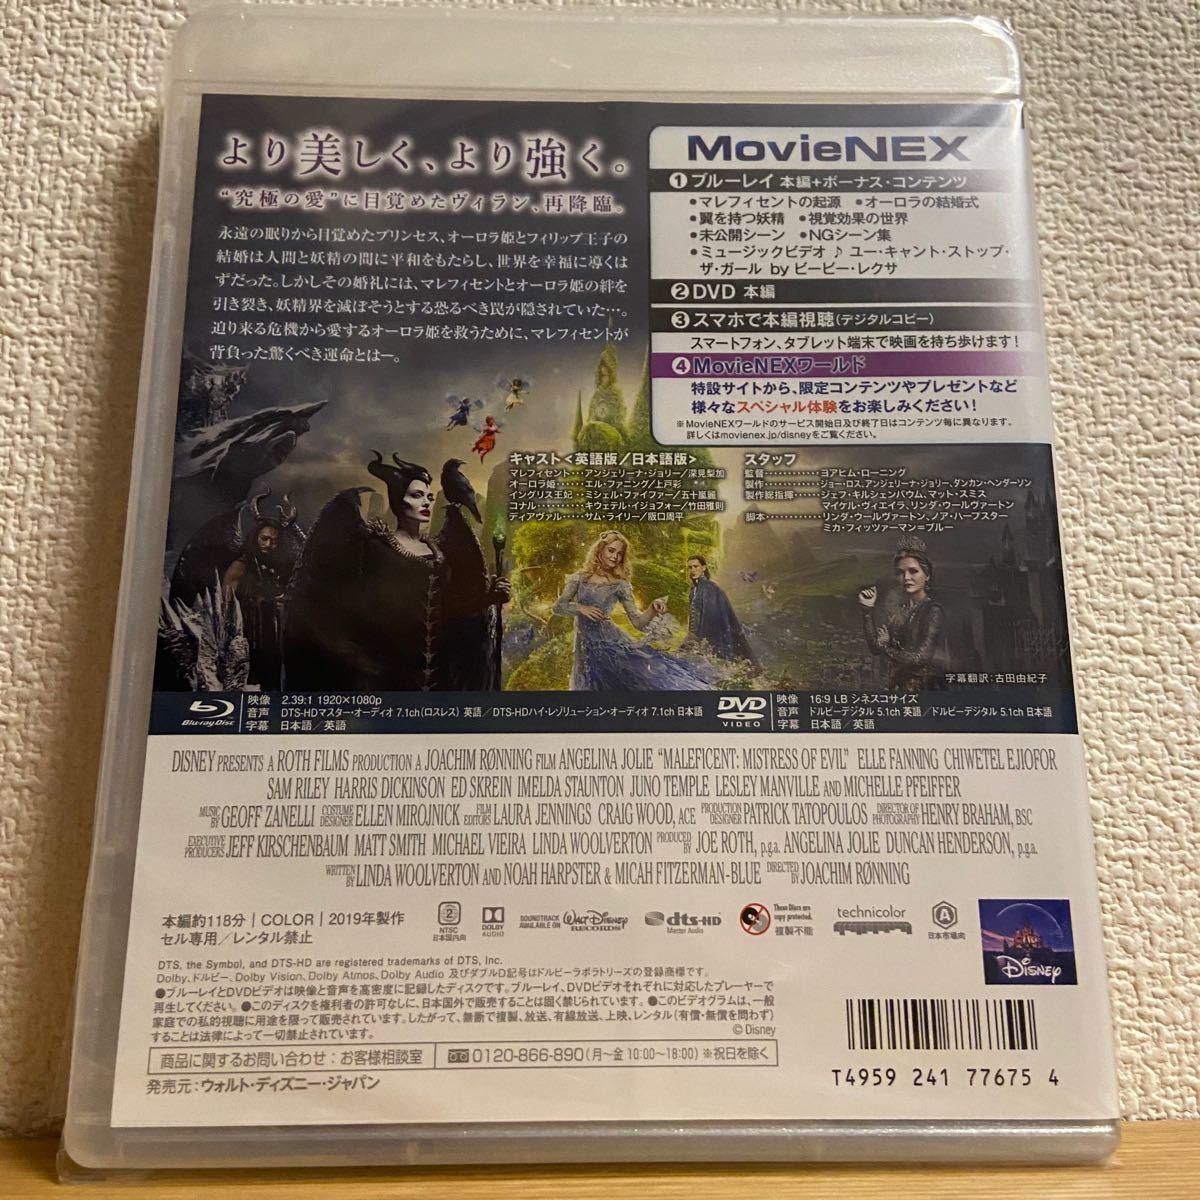 マレフィセント2 MovieNEX ブルーレイ+純正ケース